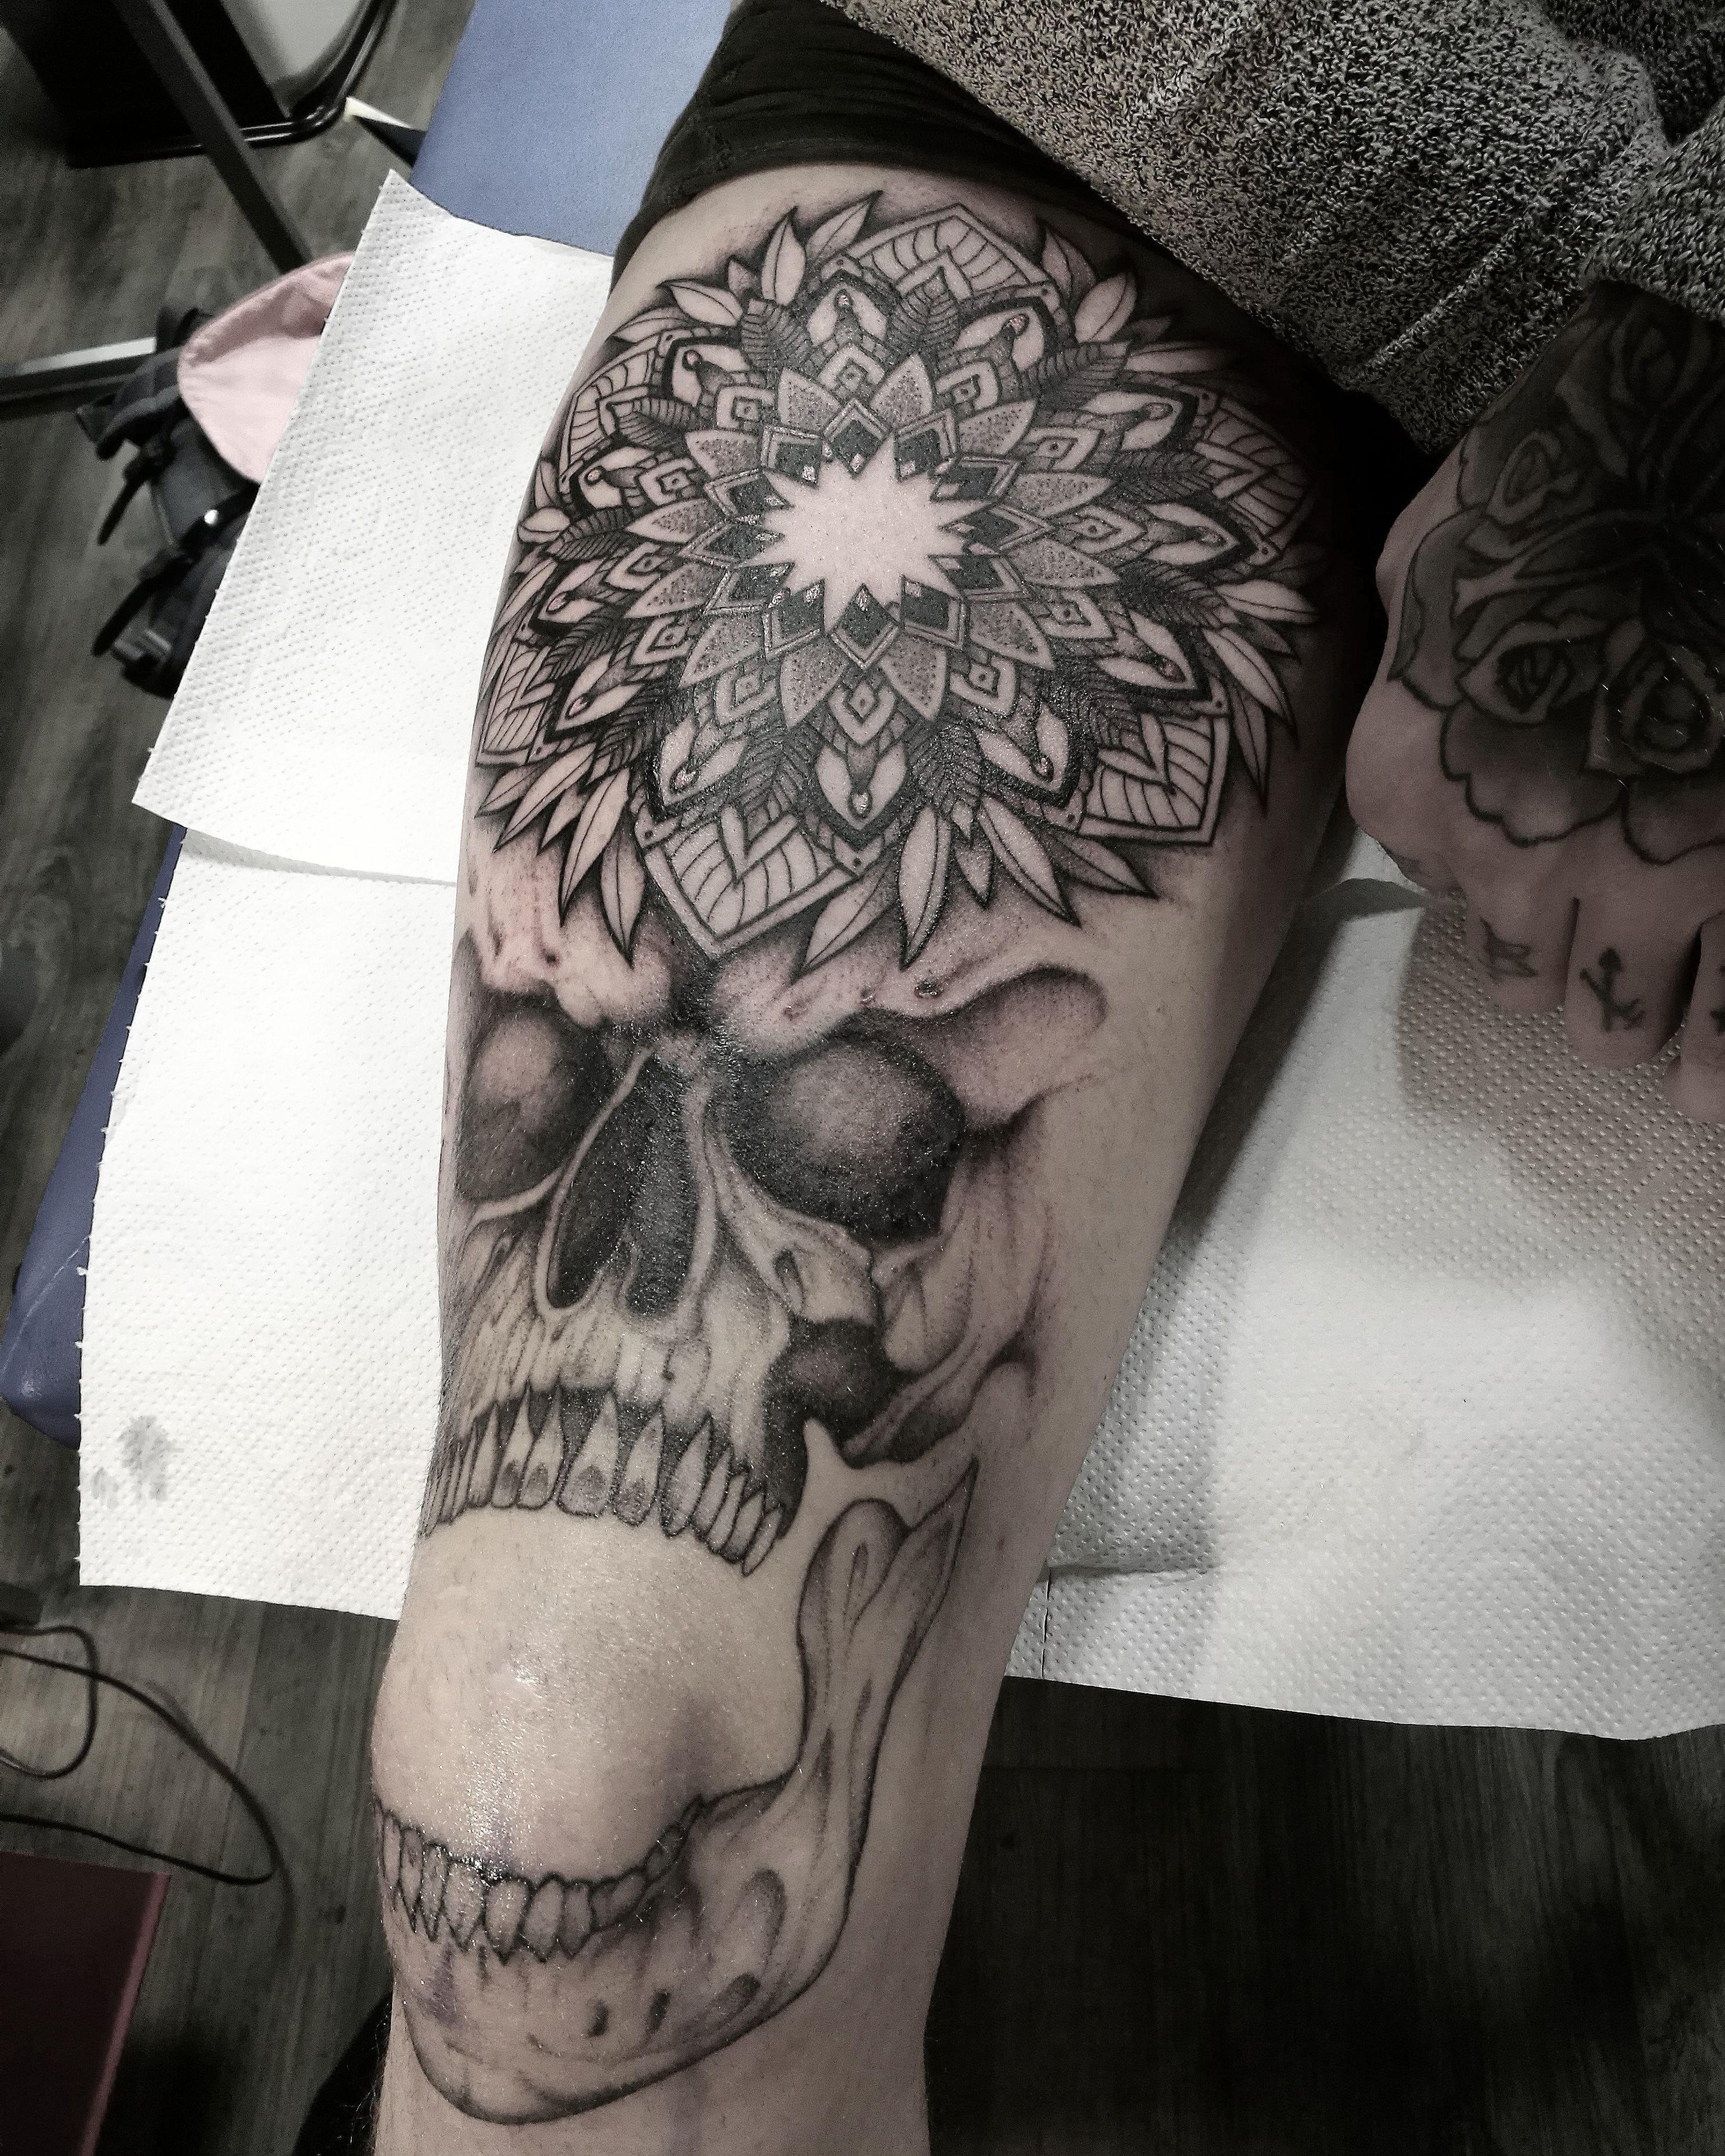 ed1a5671d Knee tattoo #knee #skull #mandala | Tattoos | Knee tattoo, Demon ...